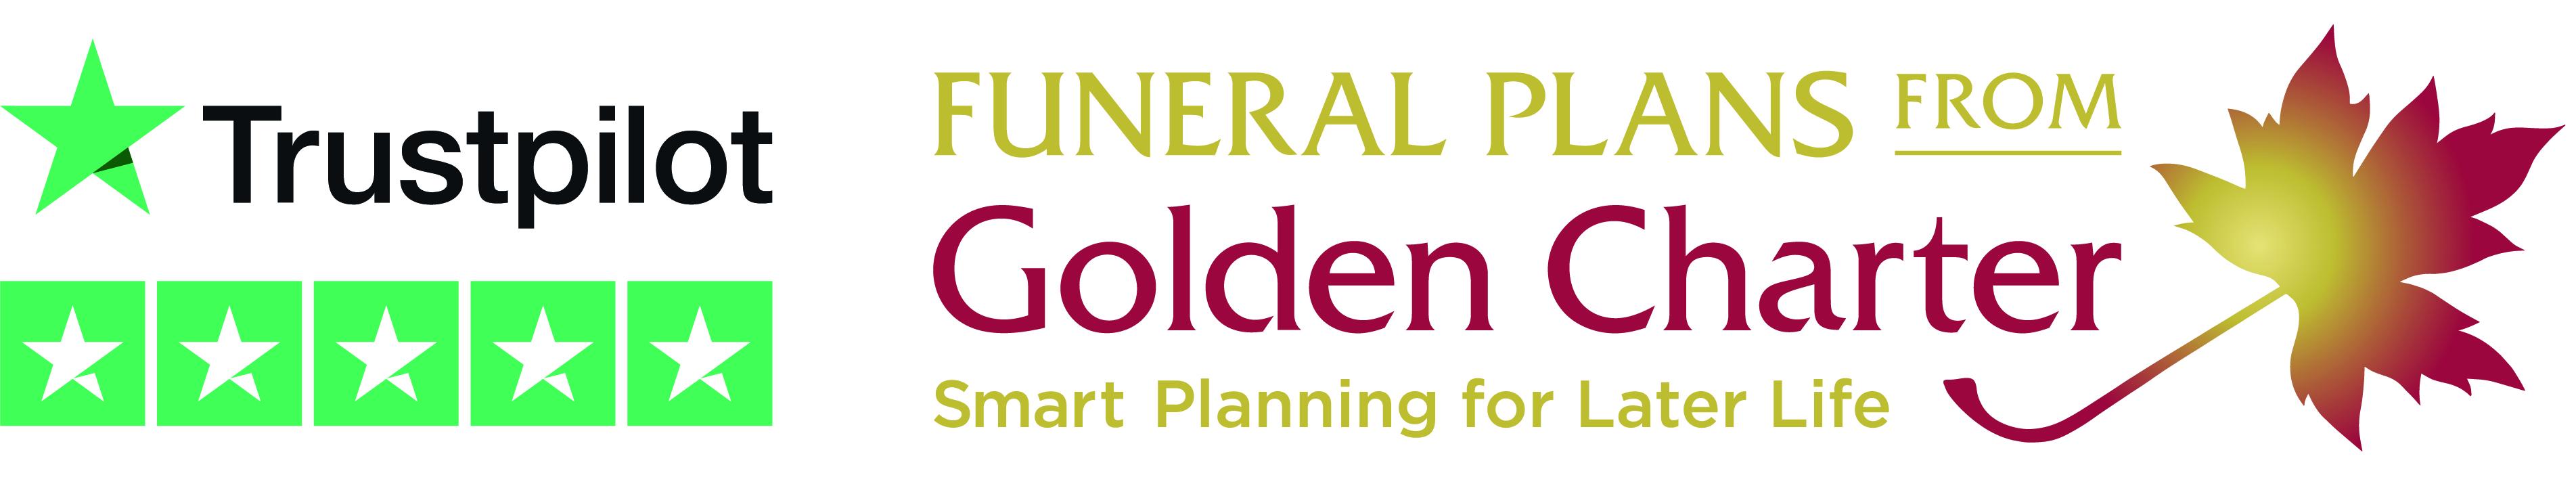 Golden Charter Funeral Plans